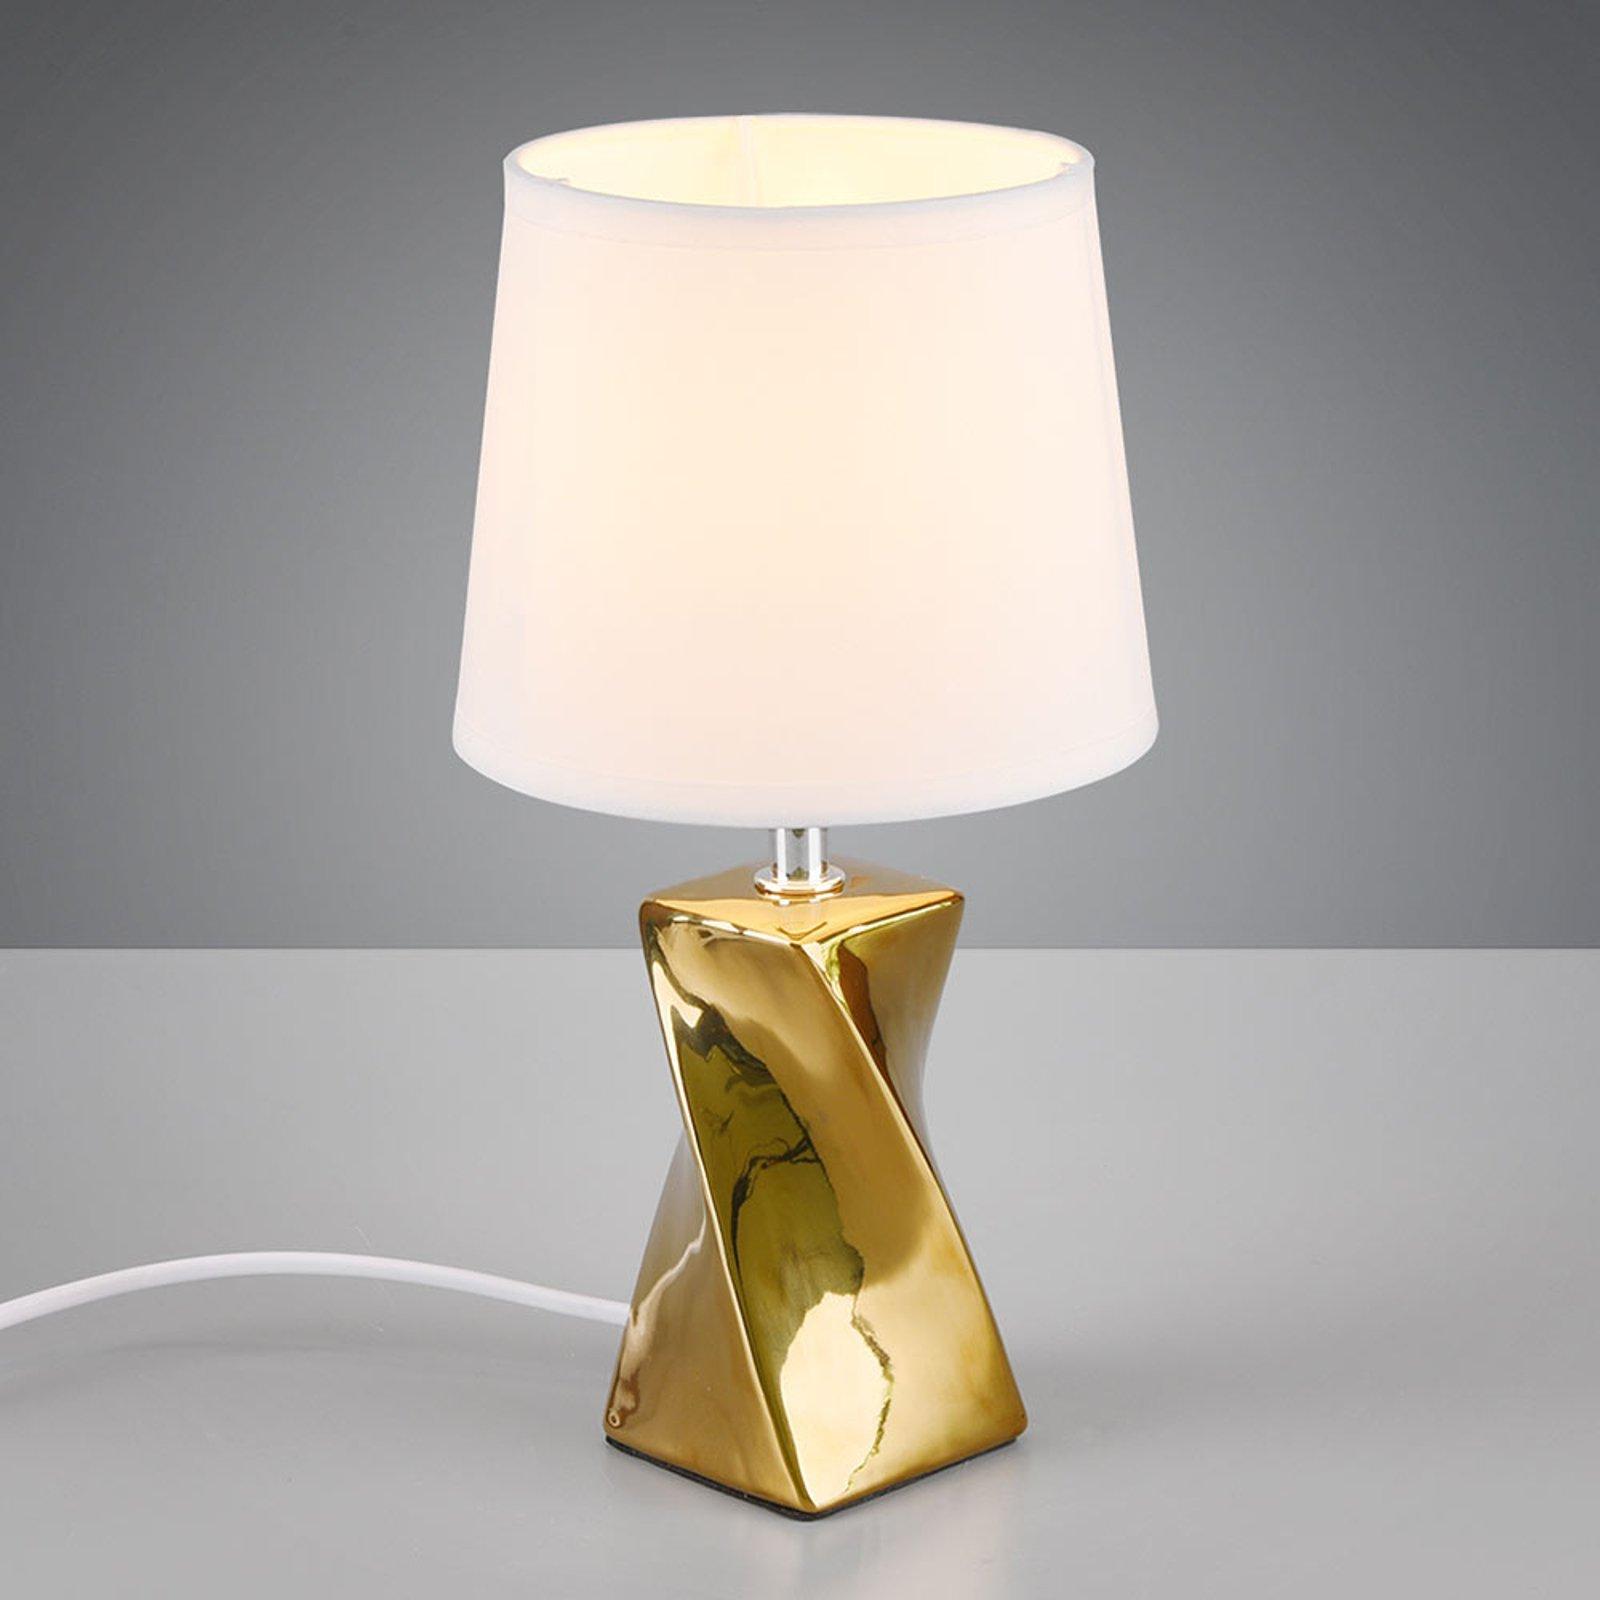 Bordlampe Abeba, Ø 15 cm, hvit-gull